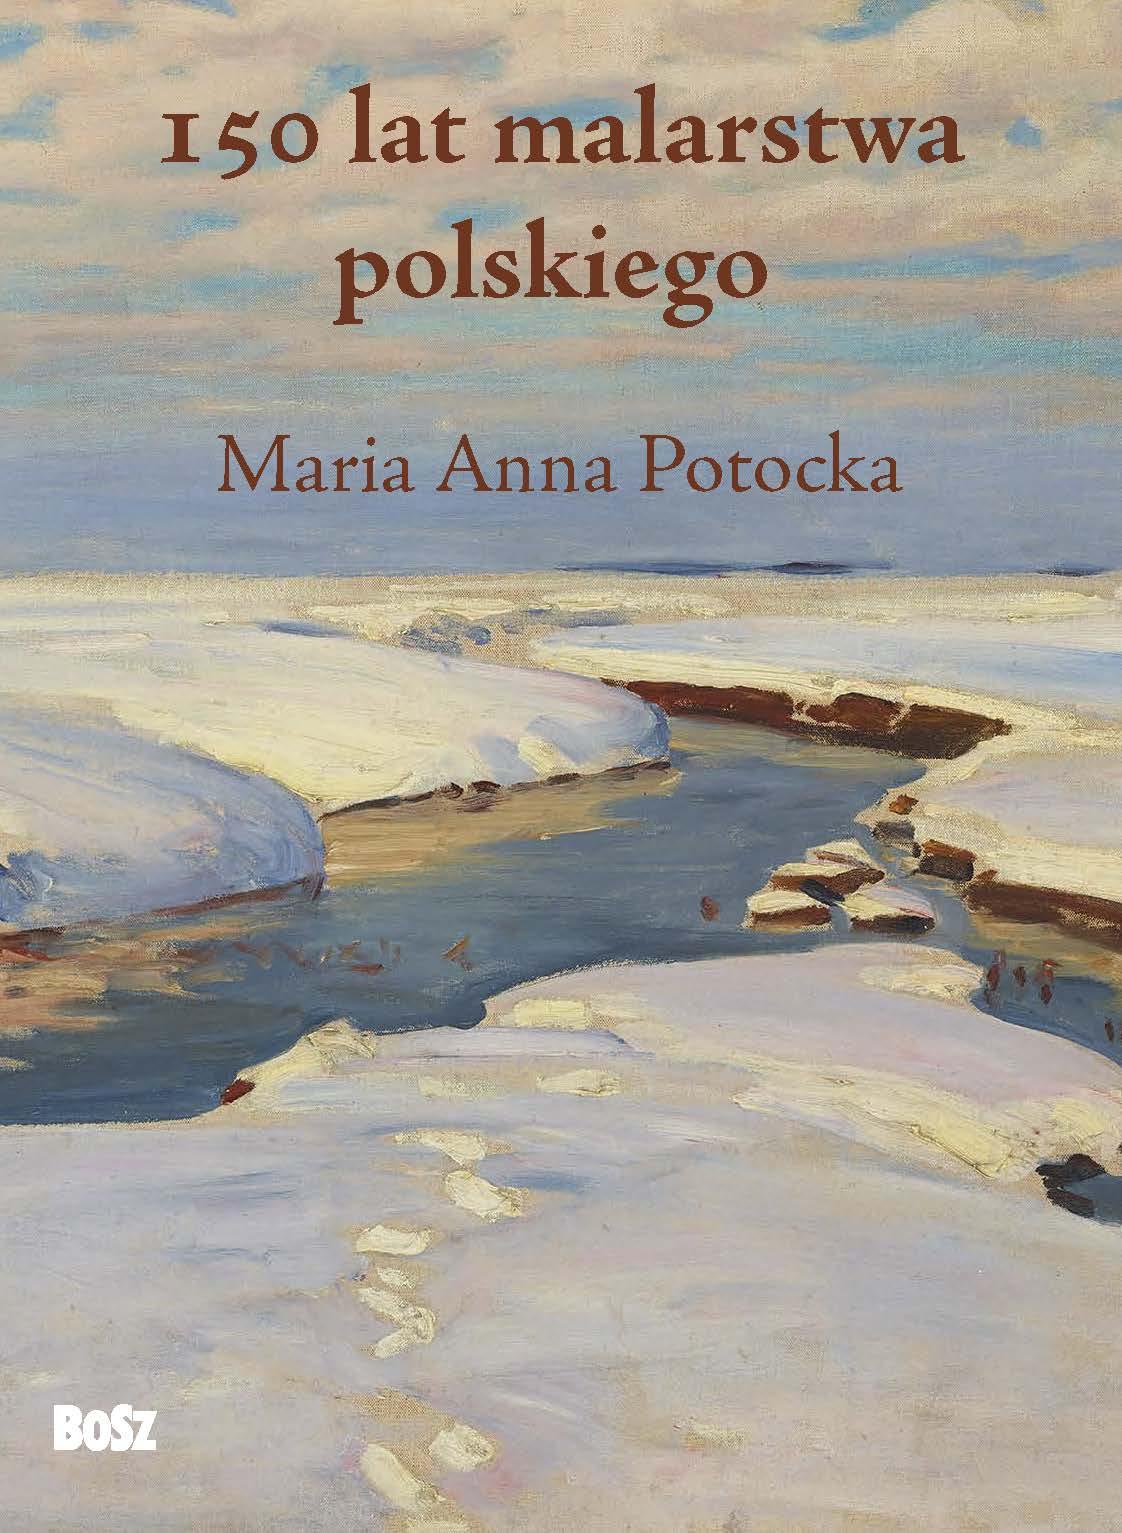 150 LAT MALARSTWA POLSKIEGO, MARIA ANNA POTOCKA